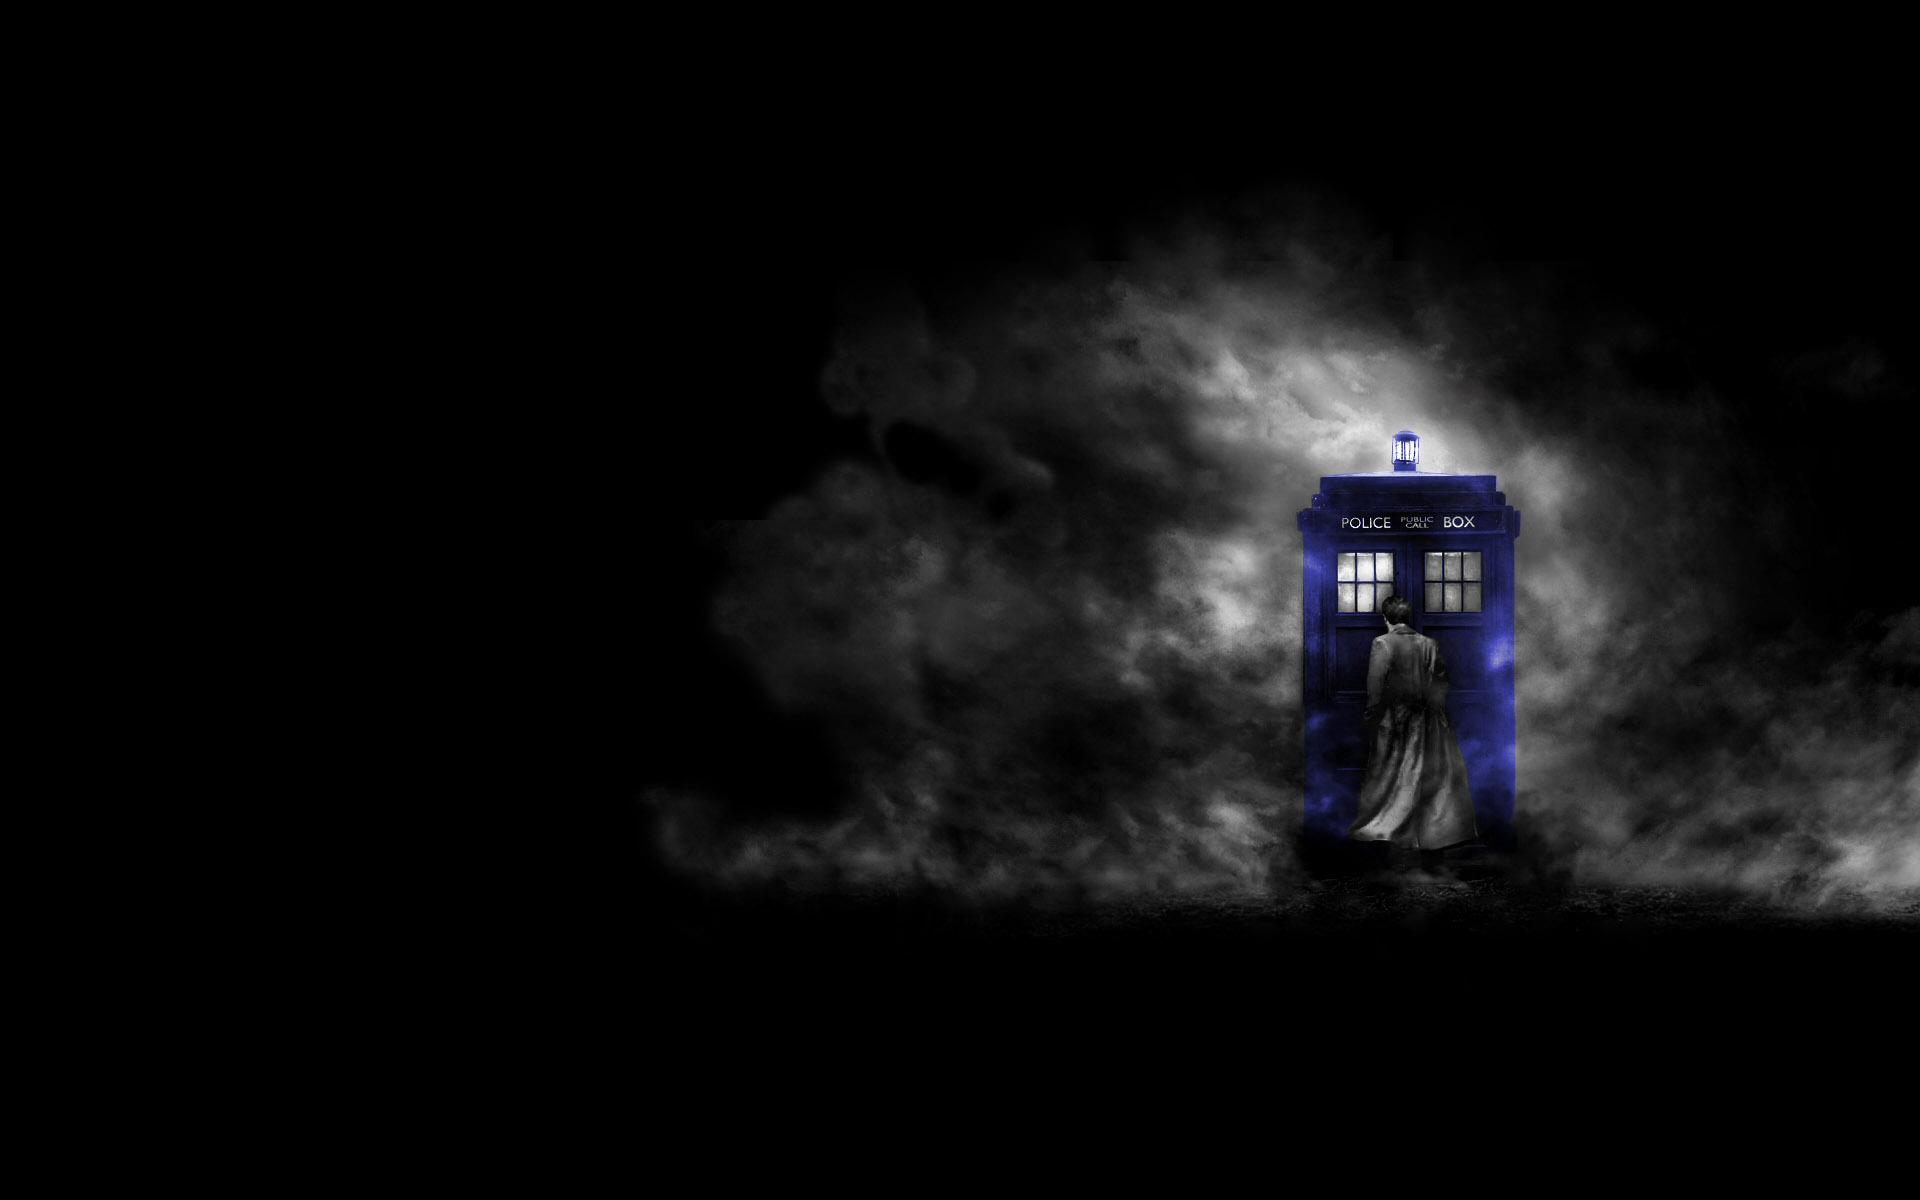 6861348-doctor-who-wallpaper.jpg